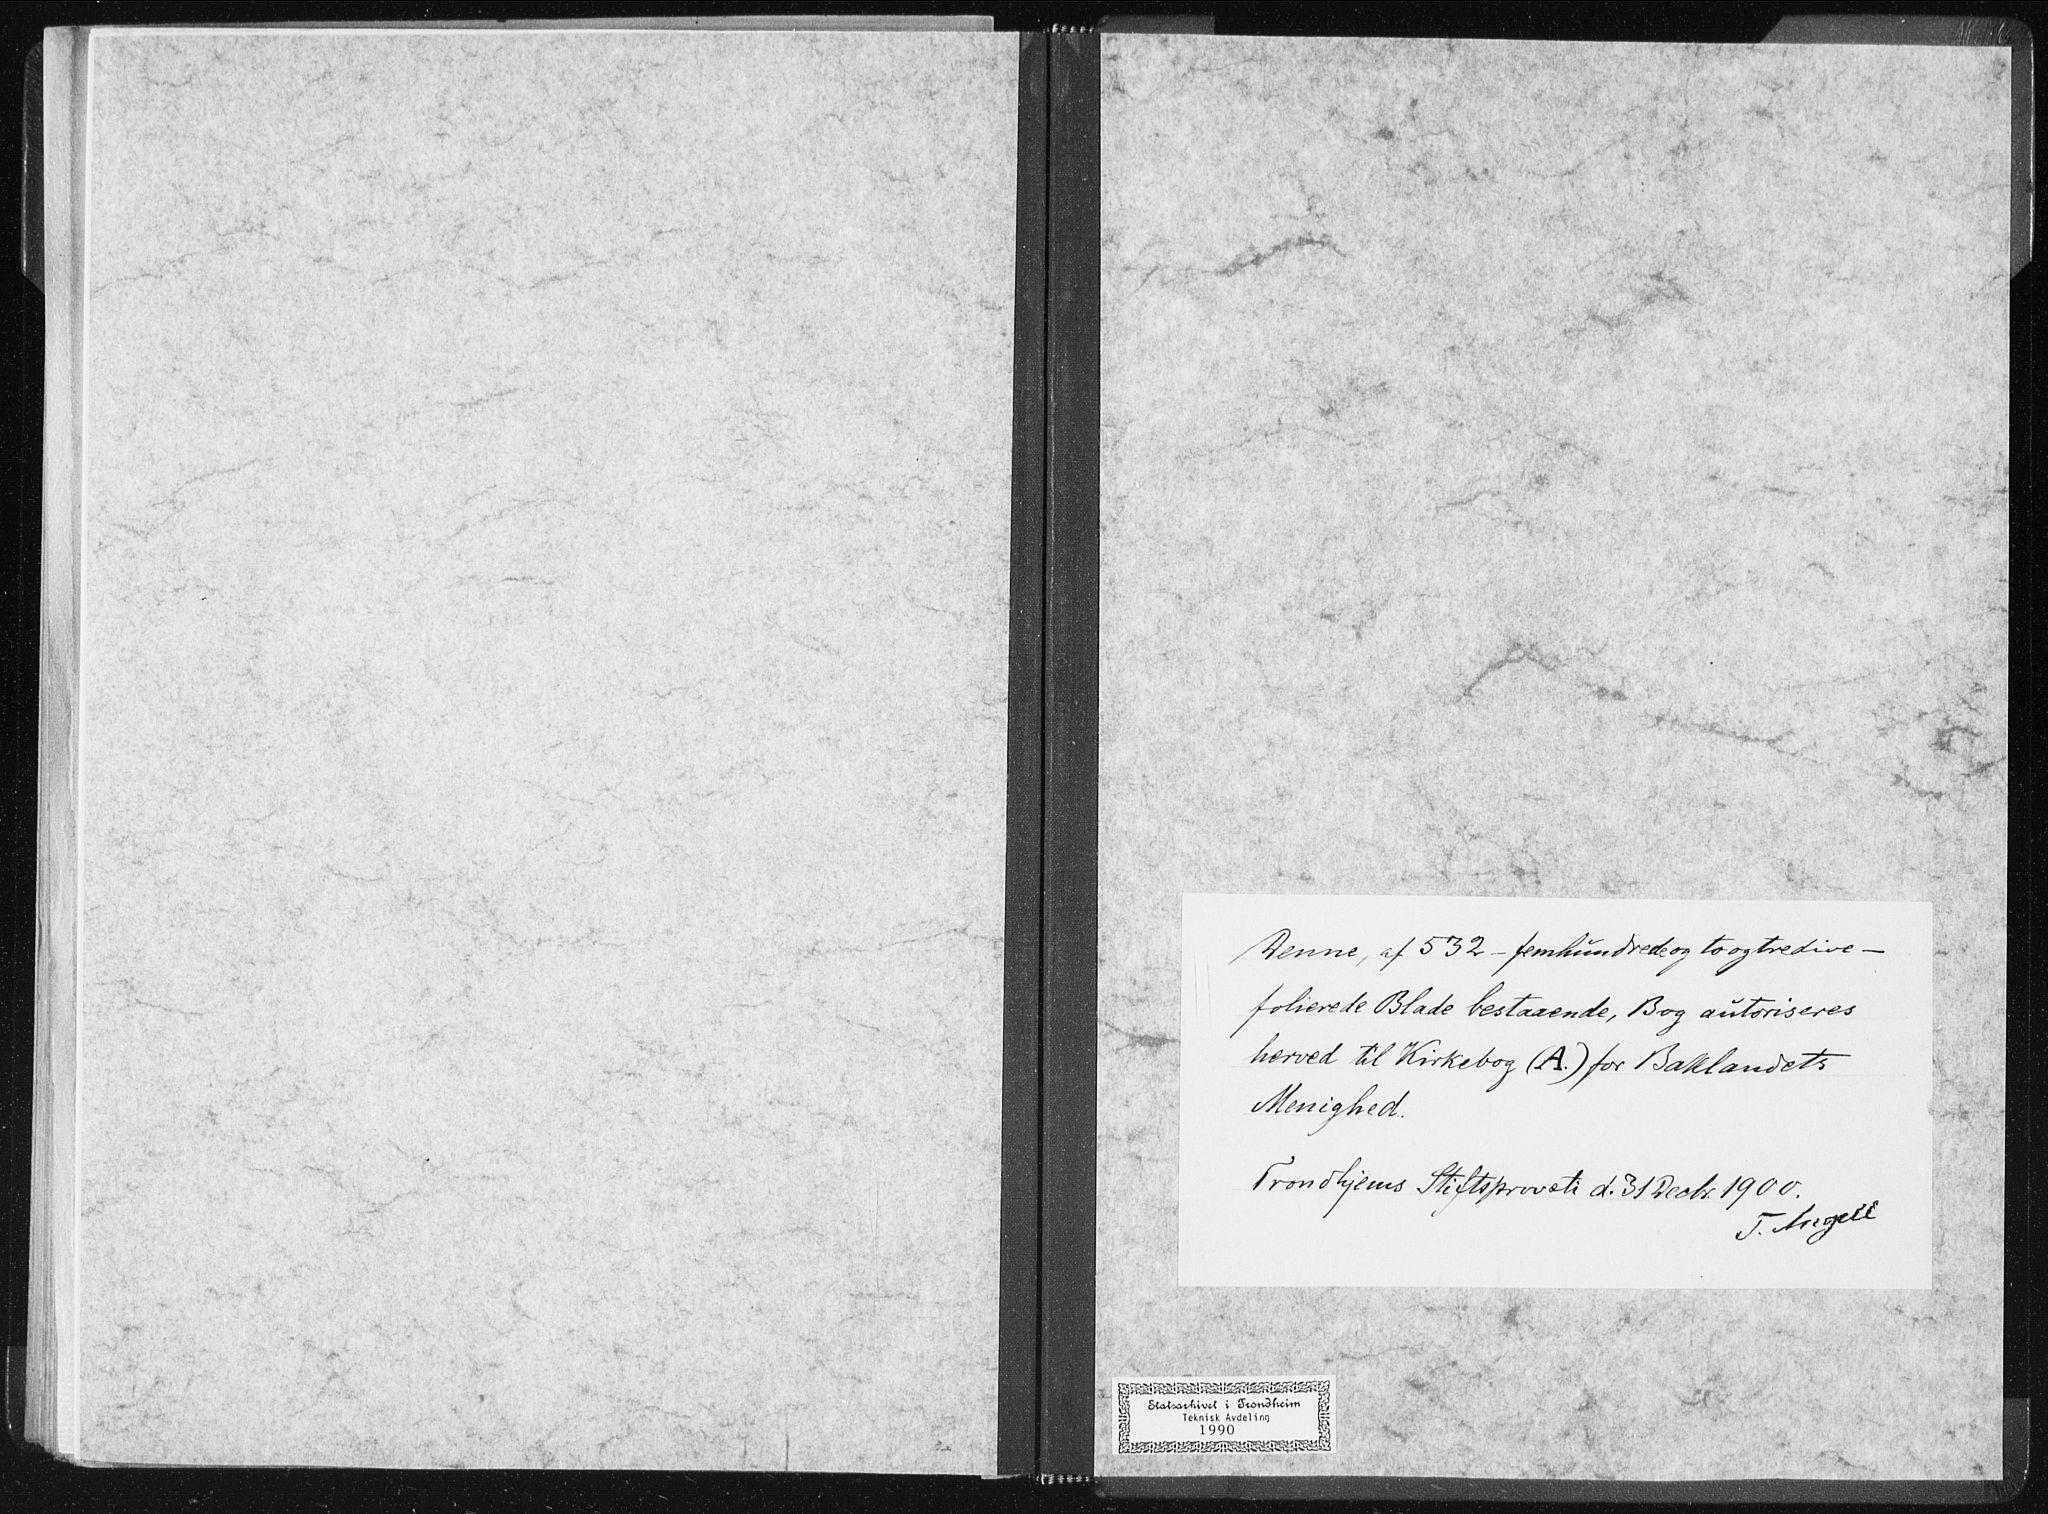 SAT, Ministerialprotokoller, klokkerbøker og fødselsregistre - Sør-Trøndelag, 604/L0199: Ministerialbok nr. 604A20I, 1901-1906, s. 243